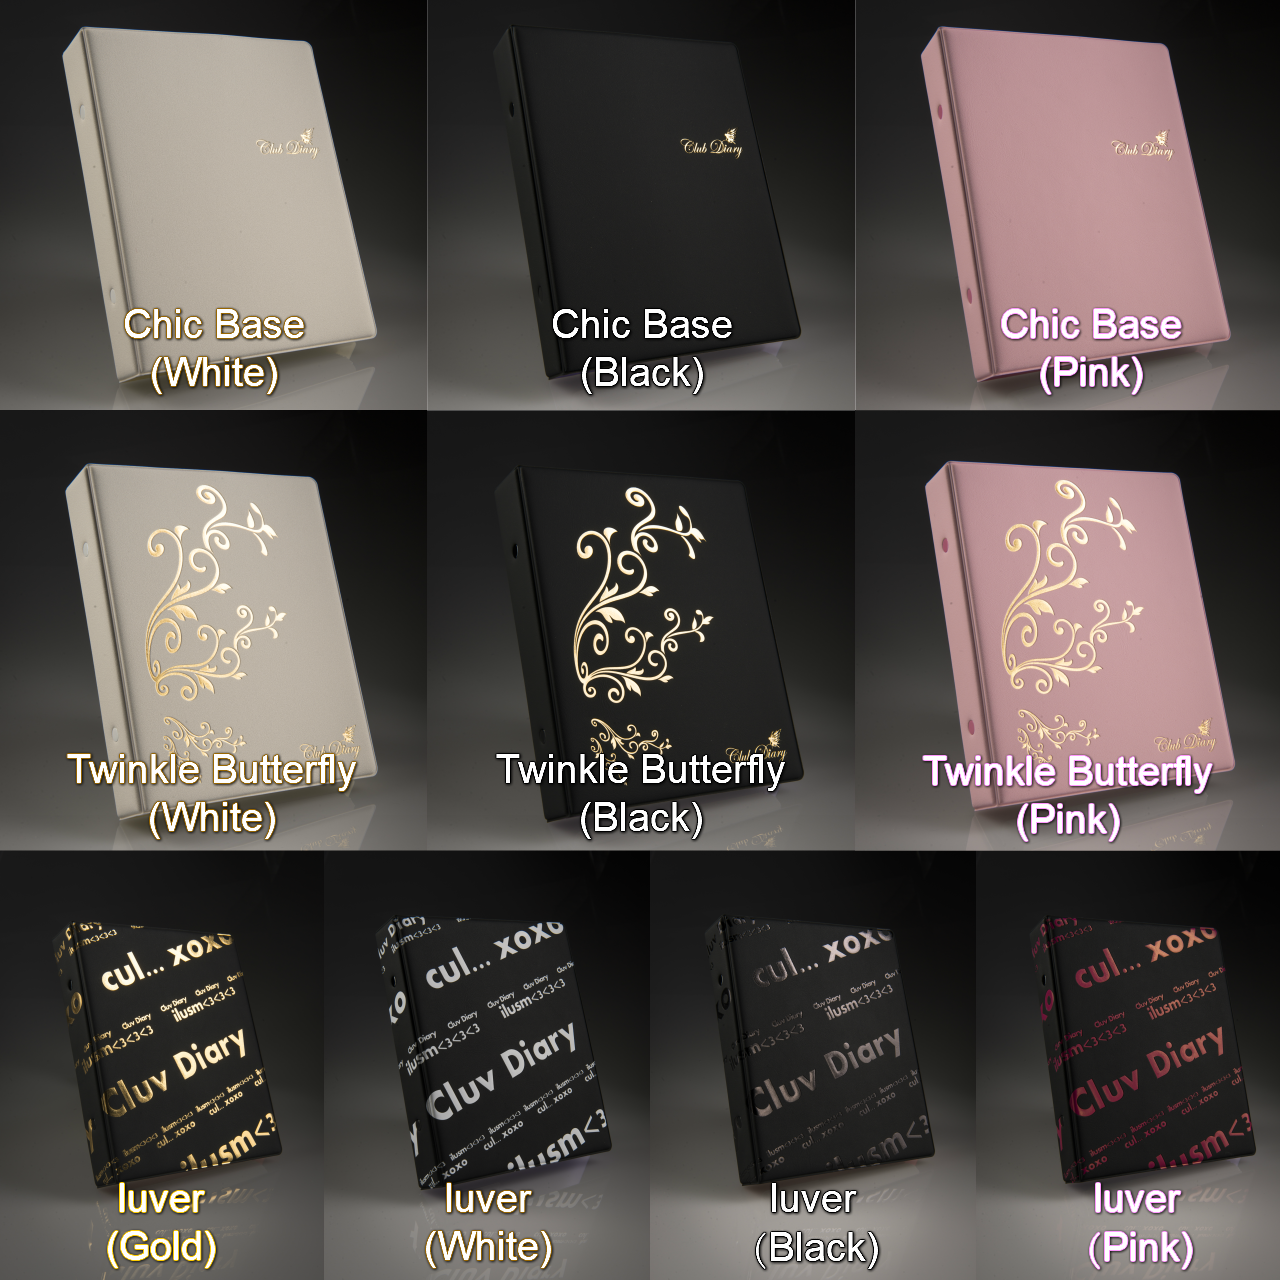 【Club Diary オリジナルバインダー 単品】キャバ嬢 ホステス手帳 クラブダイアリー